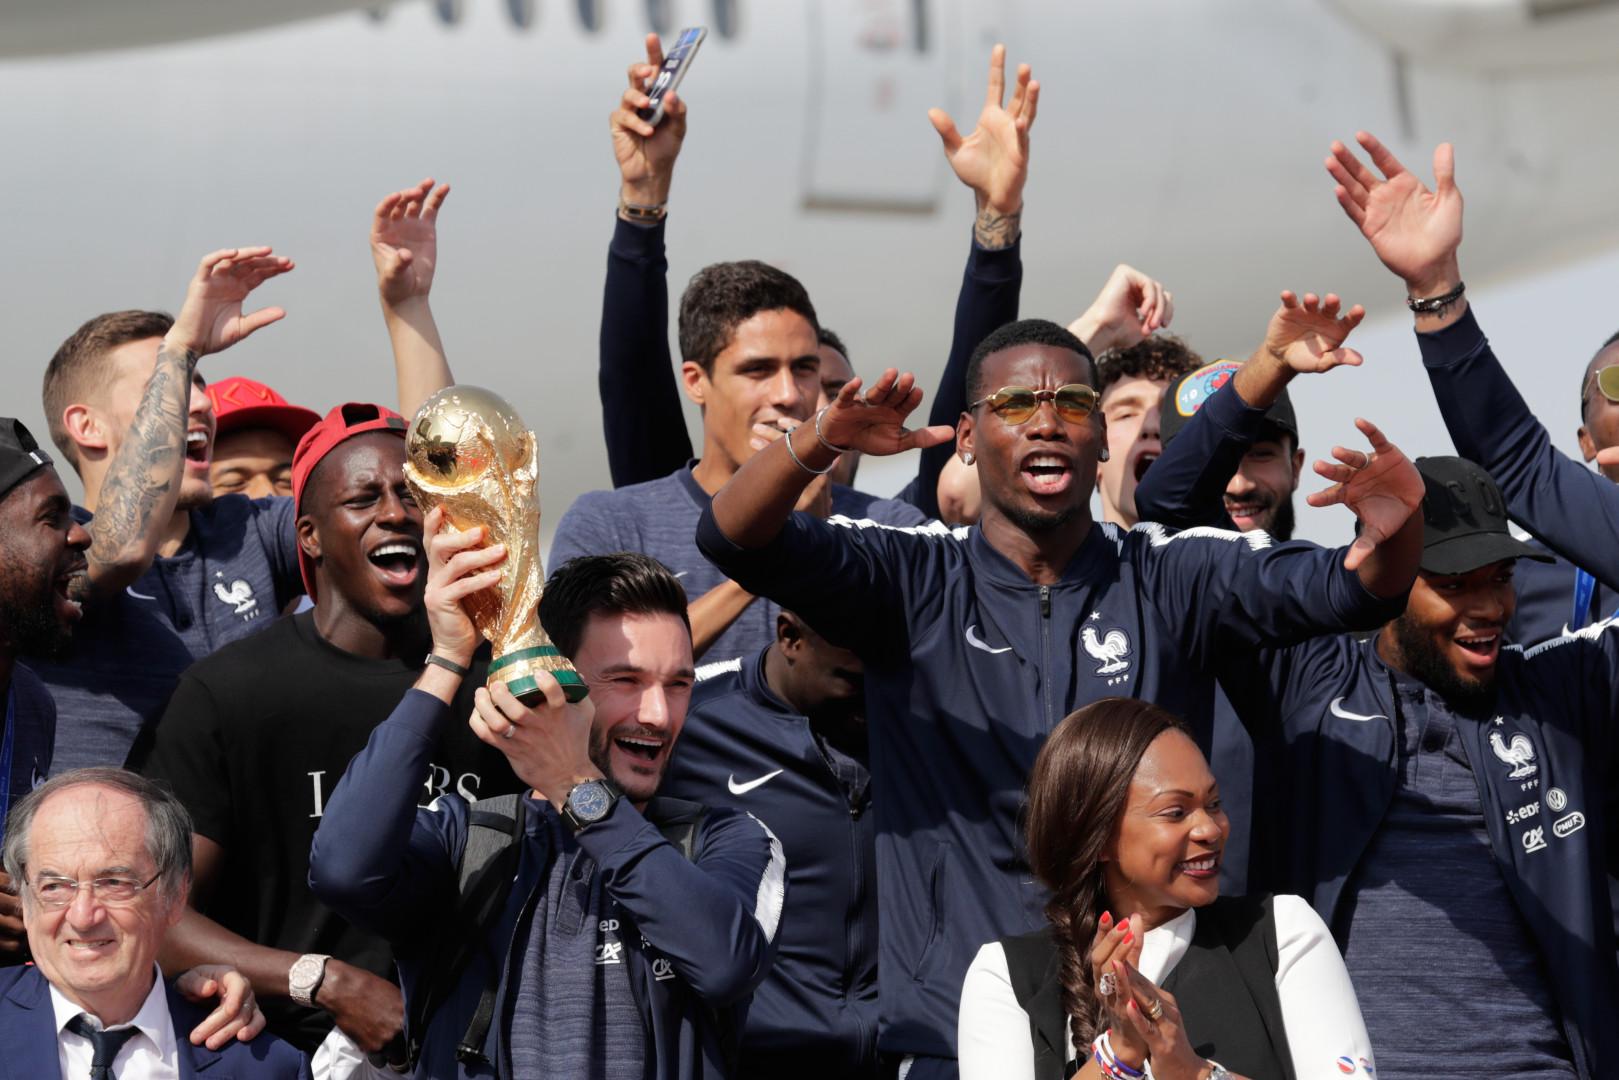 Hugo Lloris a présenté la Coupe du Monde au personnel de l'aéroport, présents sur le tarmac, le 16 juillet 2018 à Roissy